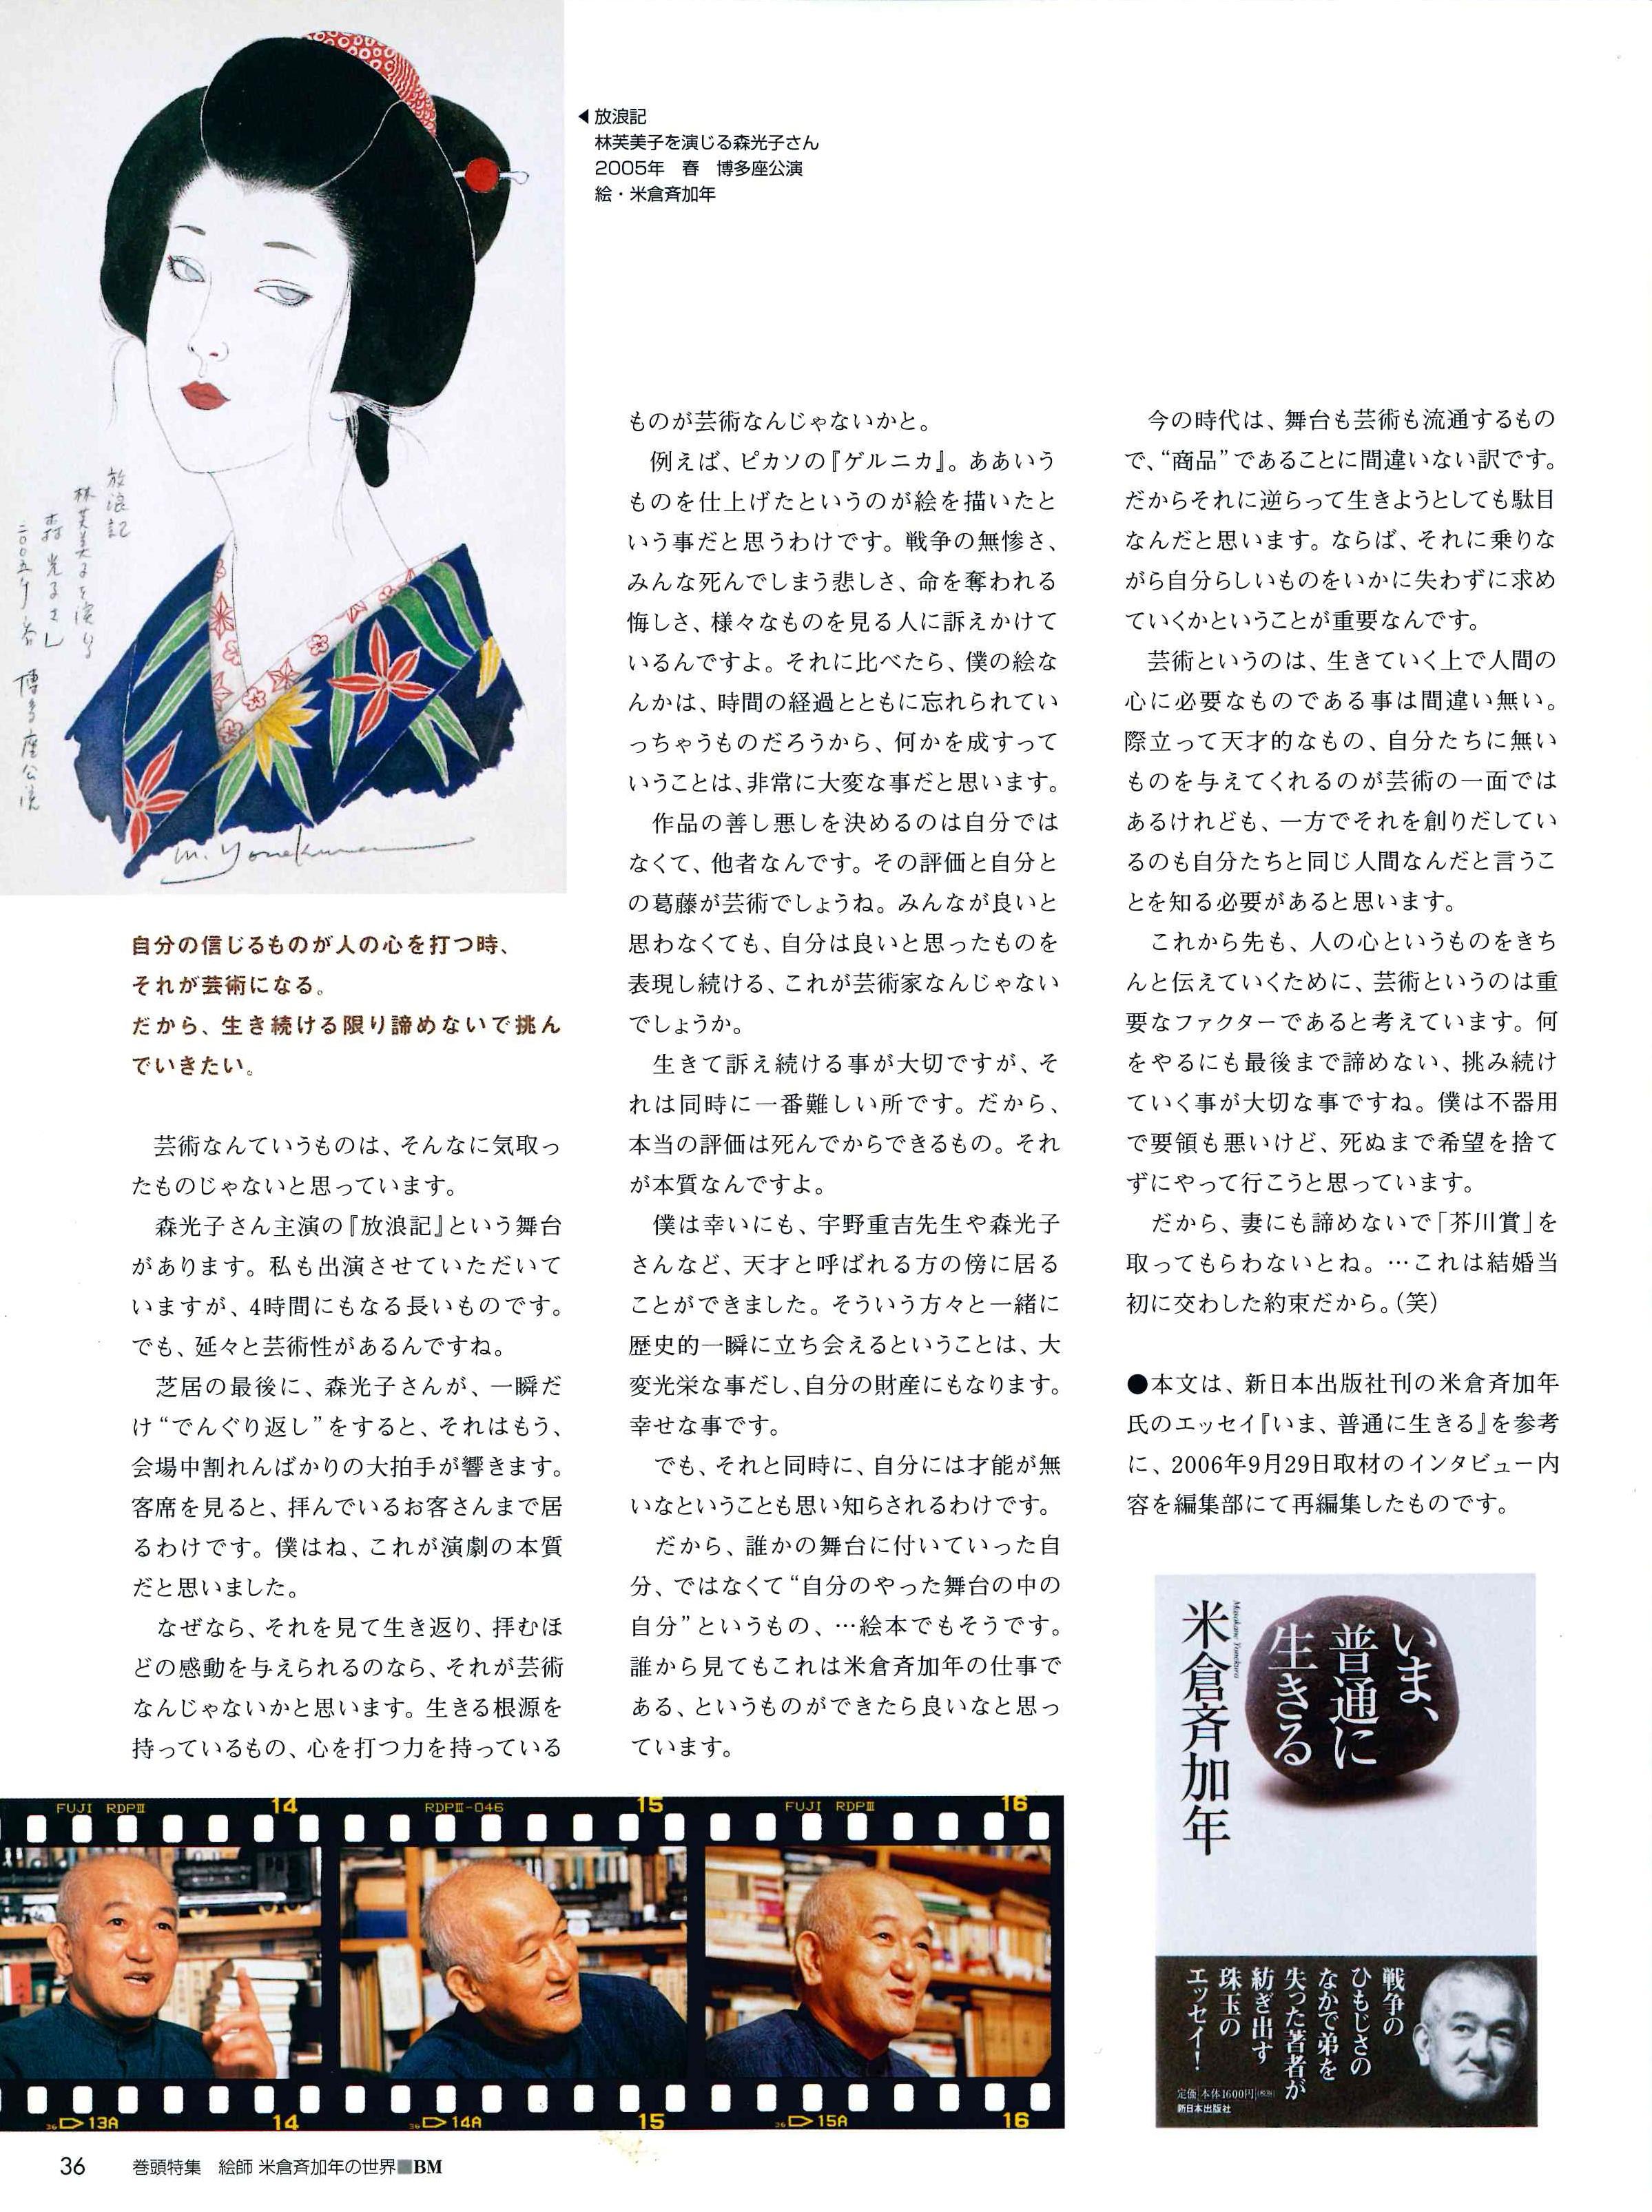 BM-美術の杜 vol.10 | 2006.10 - 32